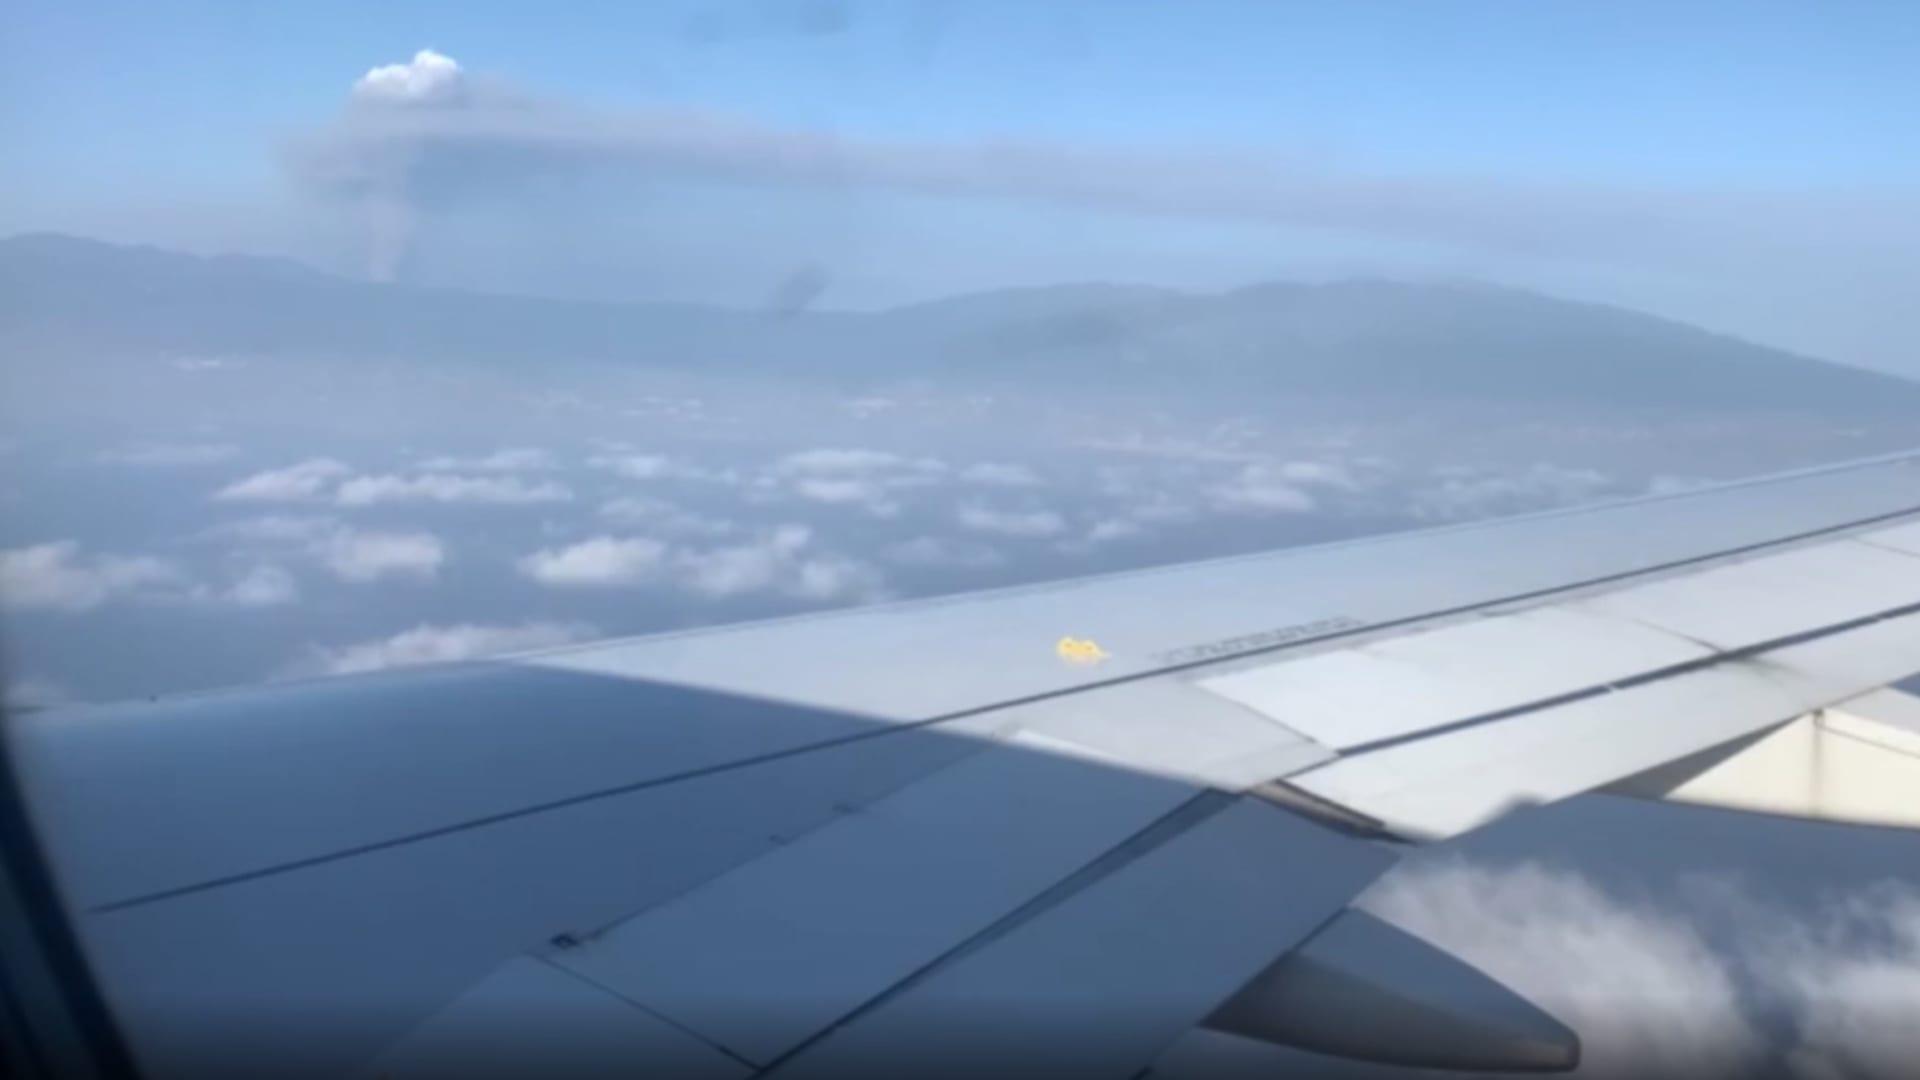 هكذا يبدو مشهد الدخان المتصاعد من البركان من طائرة ركاب تقترب من لابالما بإسبانيا